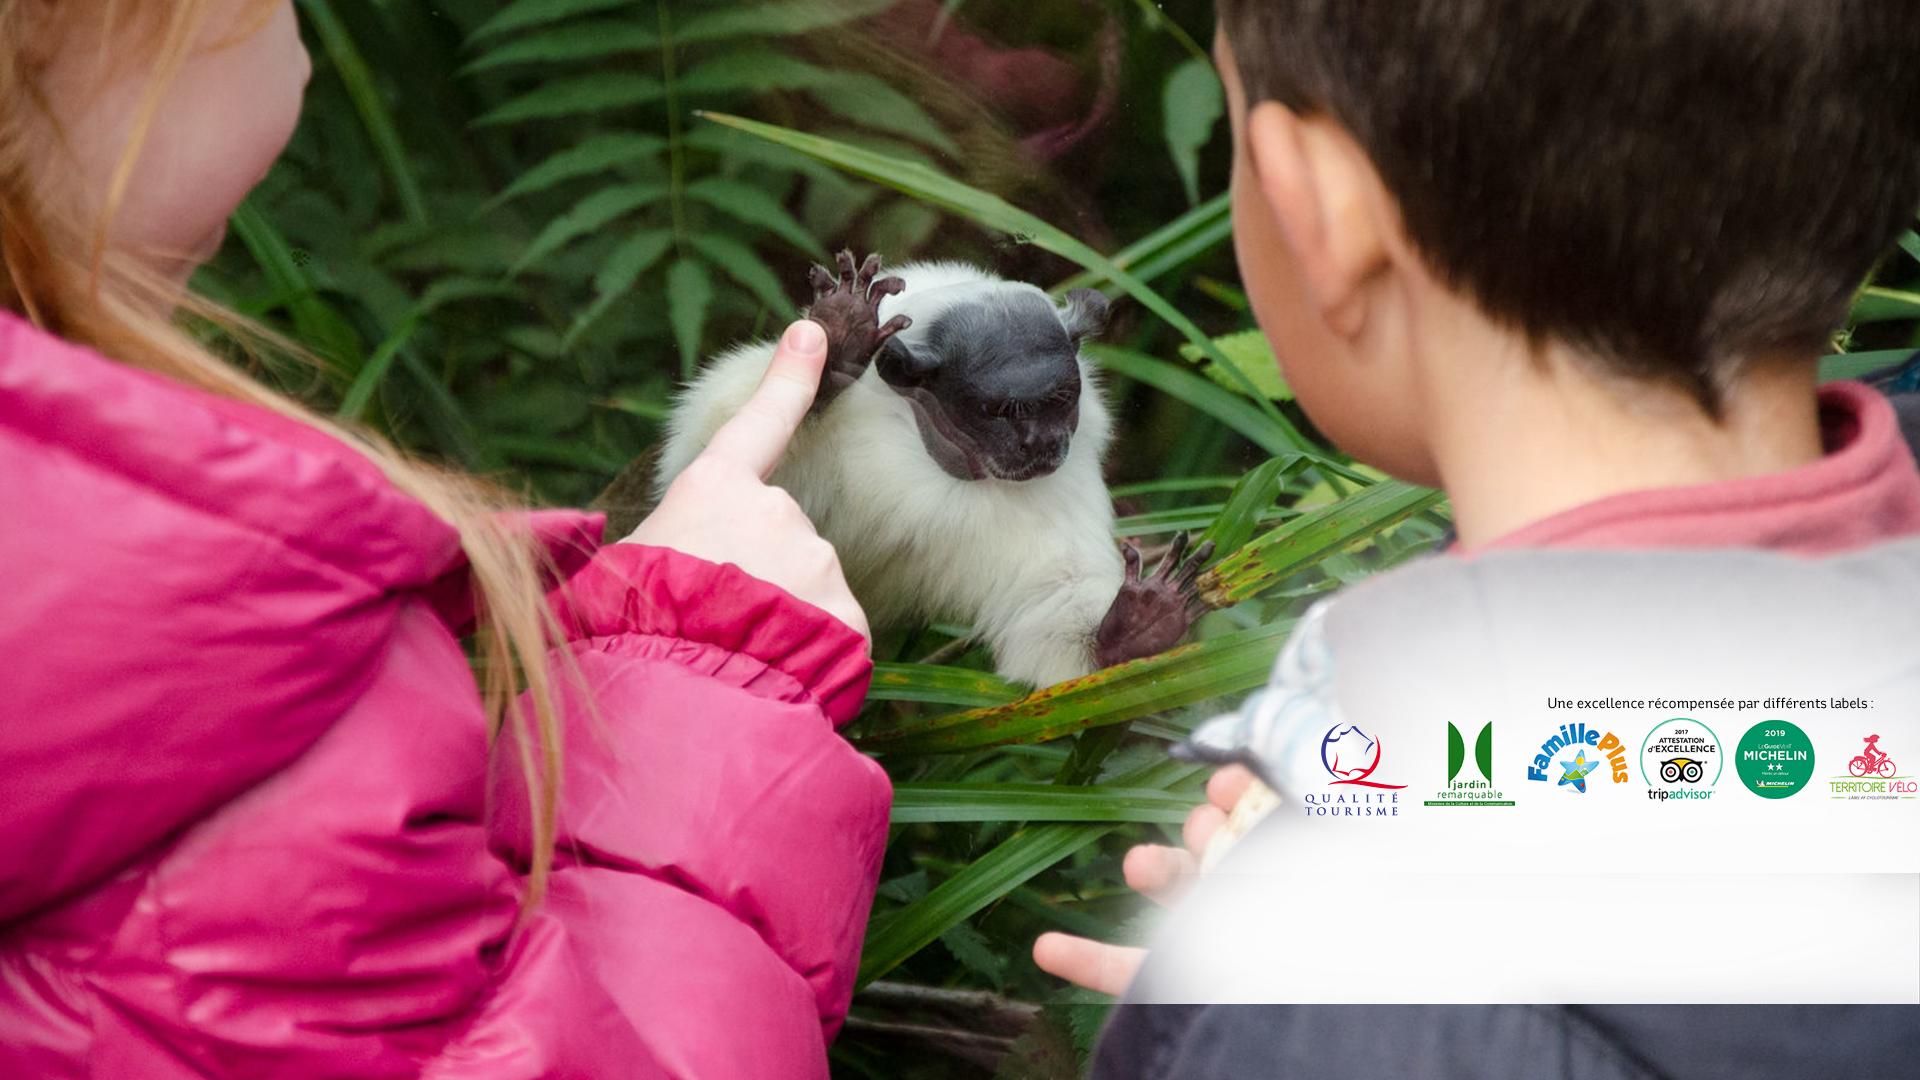 Le Parc zoologique et botanique aux qualités reconnues | Zoo Mulhouse, zoologischer und botanischer Garten